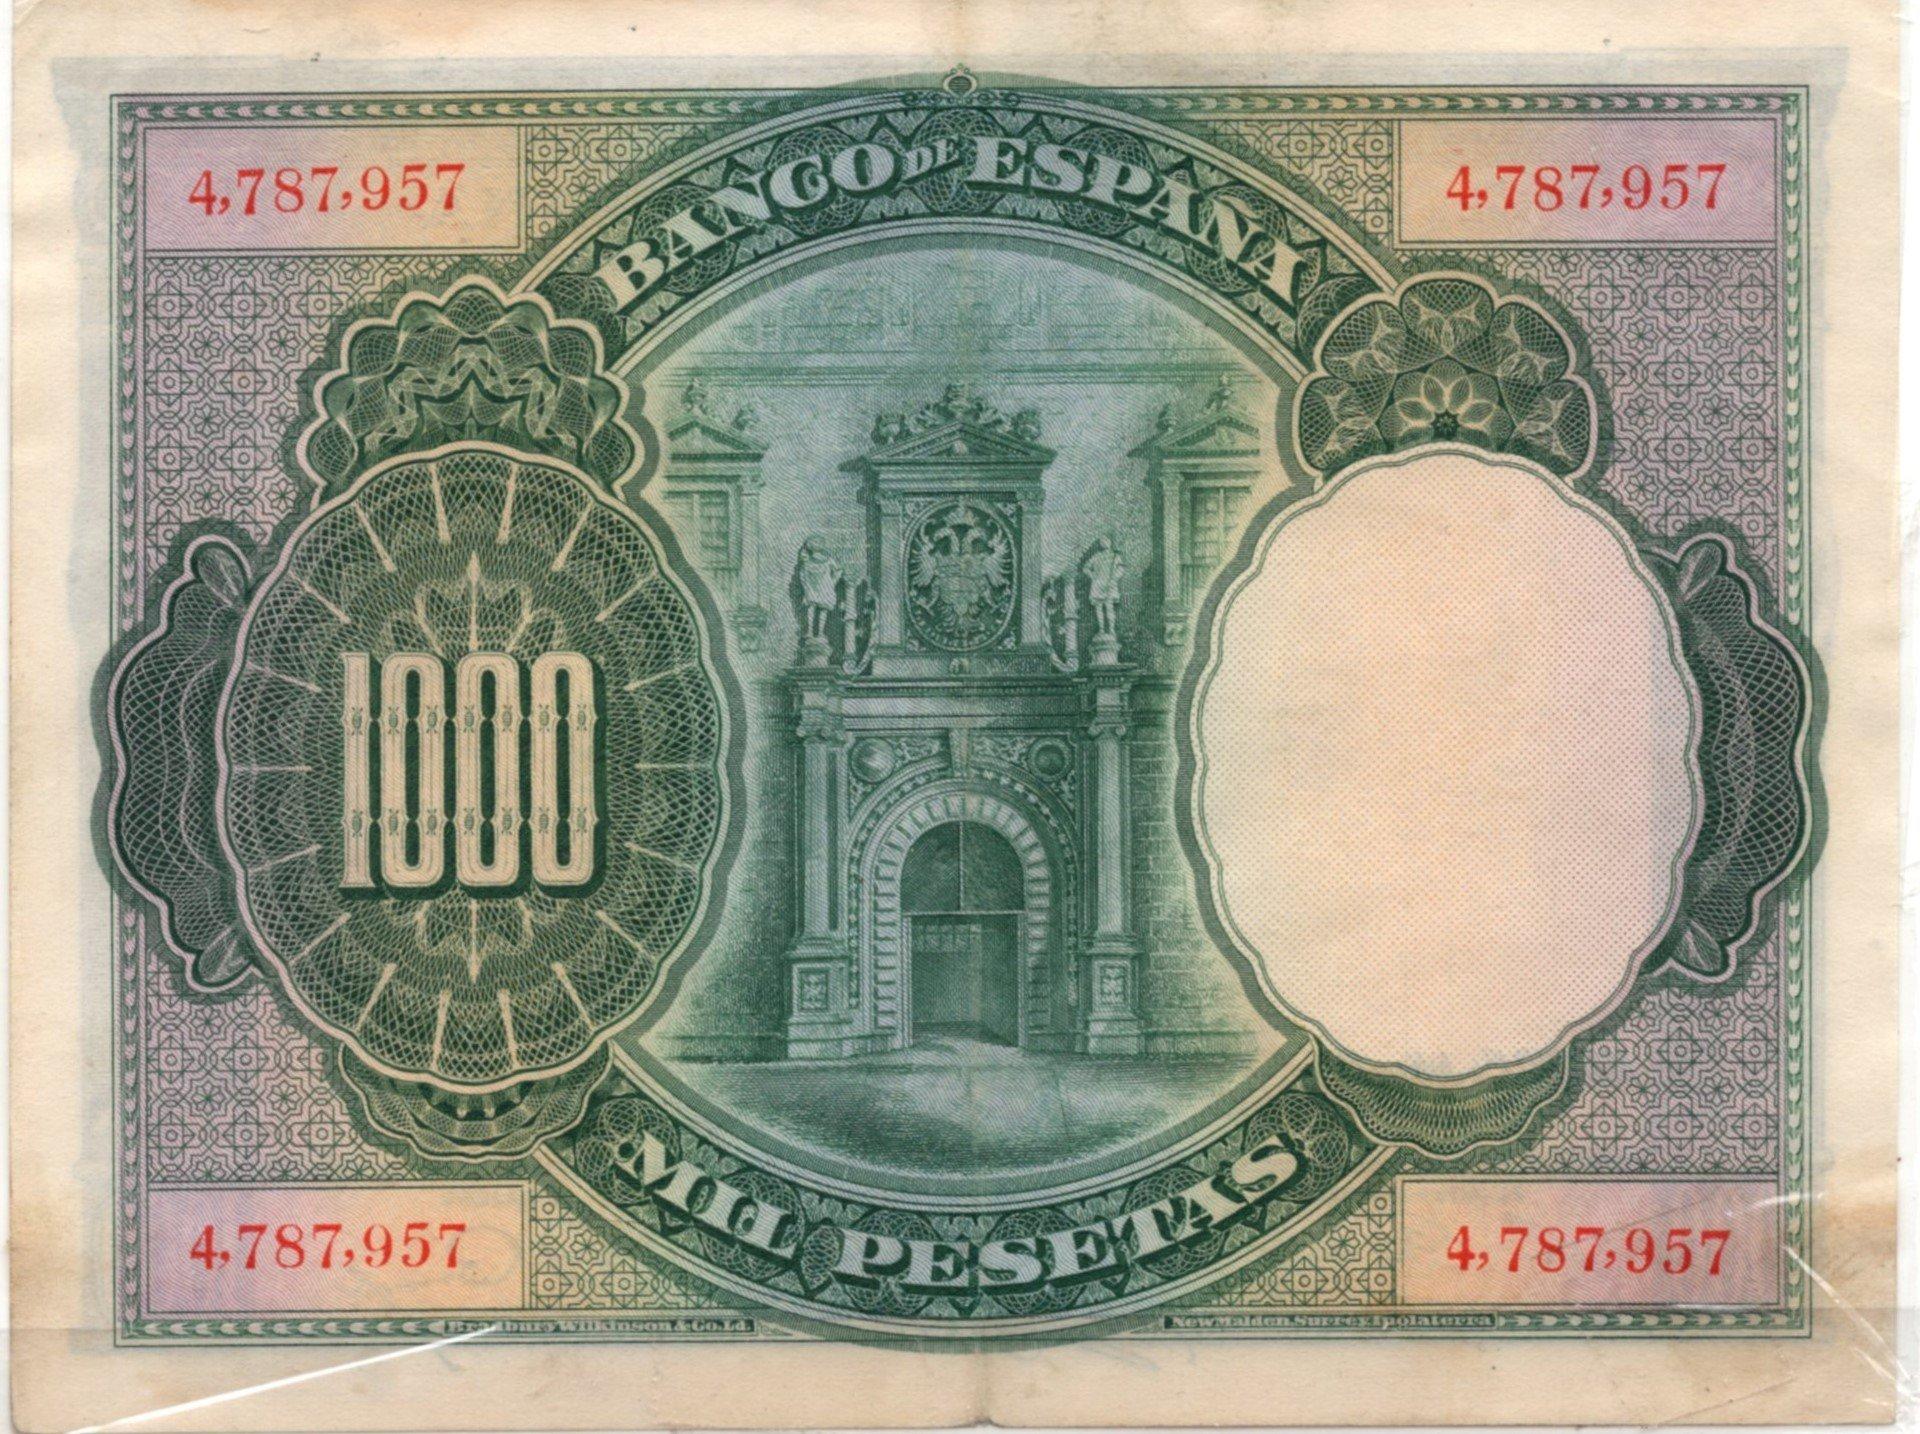 Spain 1000 pesetas 1965 back